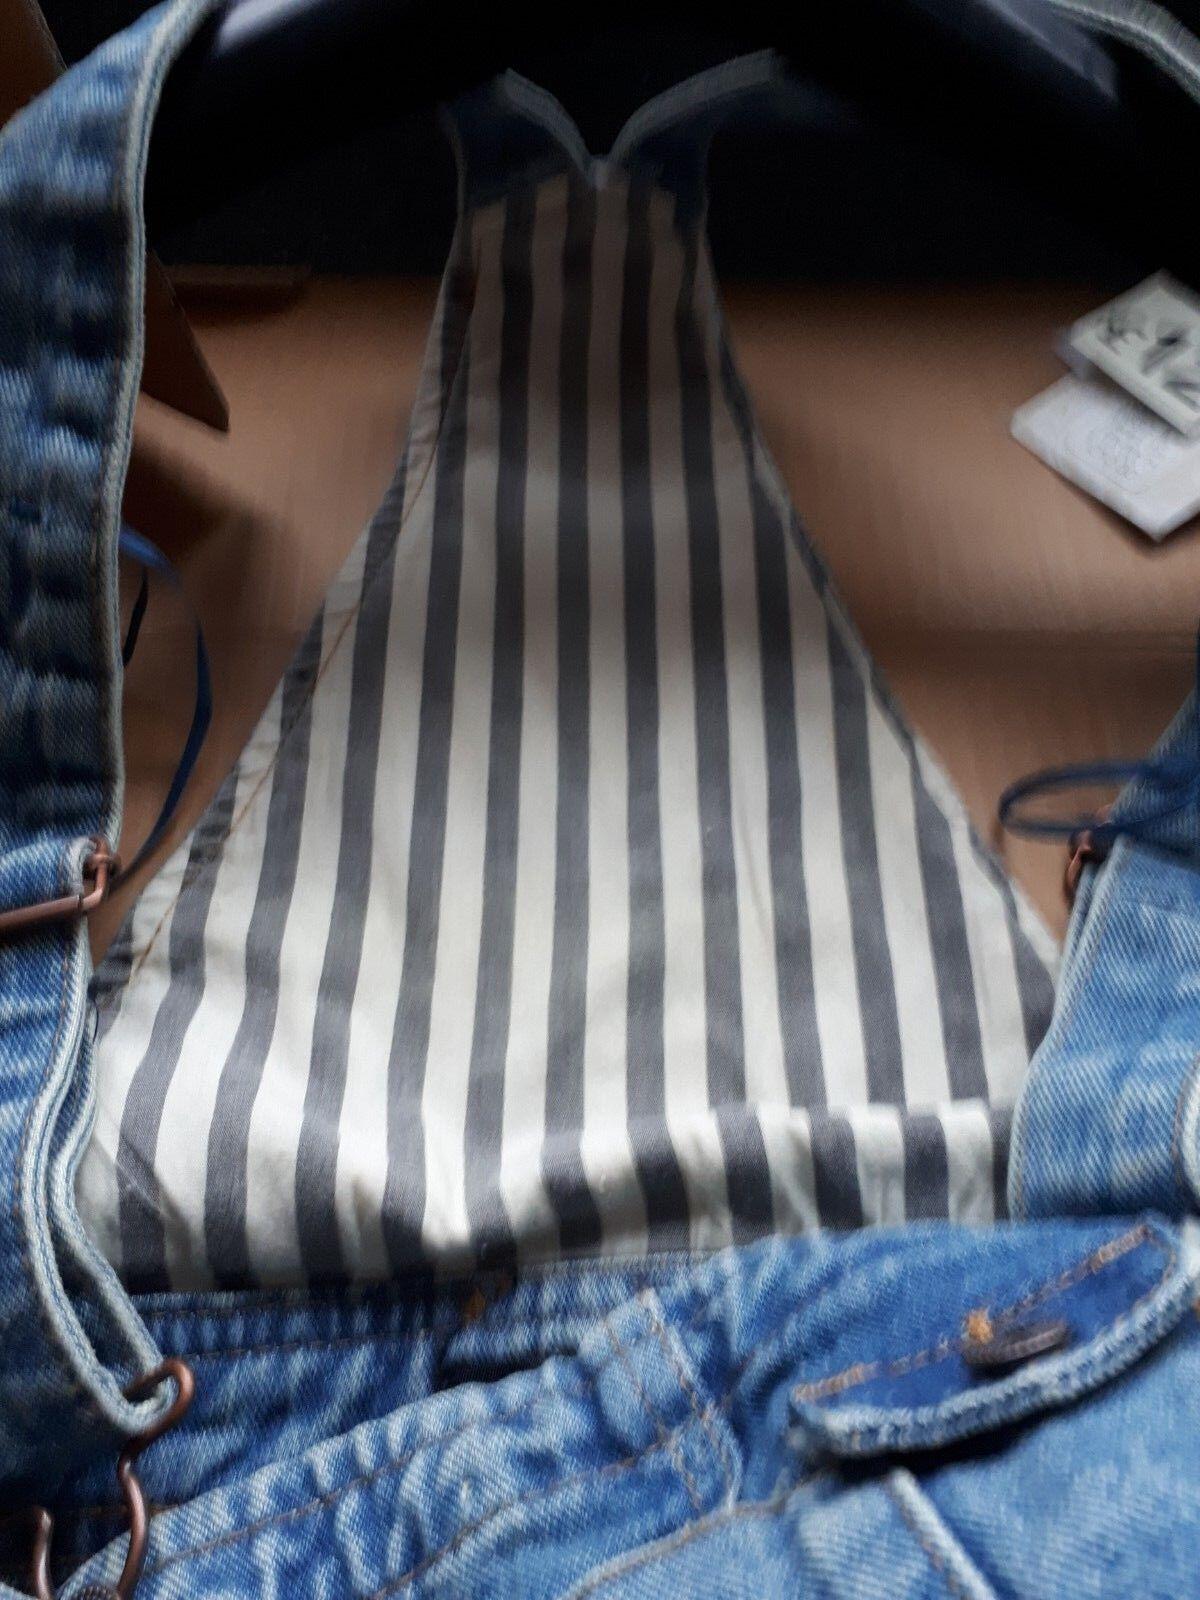 NUOVO 5X PAIA di Pantaloncini di jeans jeans jeans e 1 paio di pantaloncini di jeans (salopette) Tutte le Taglie 8 236aaf